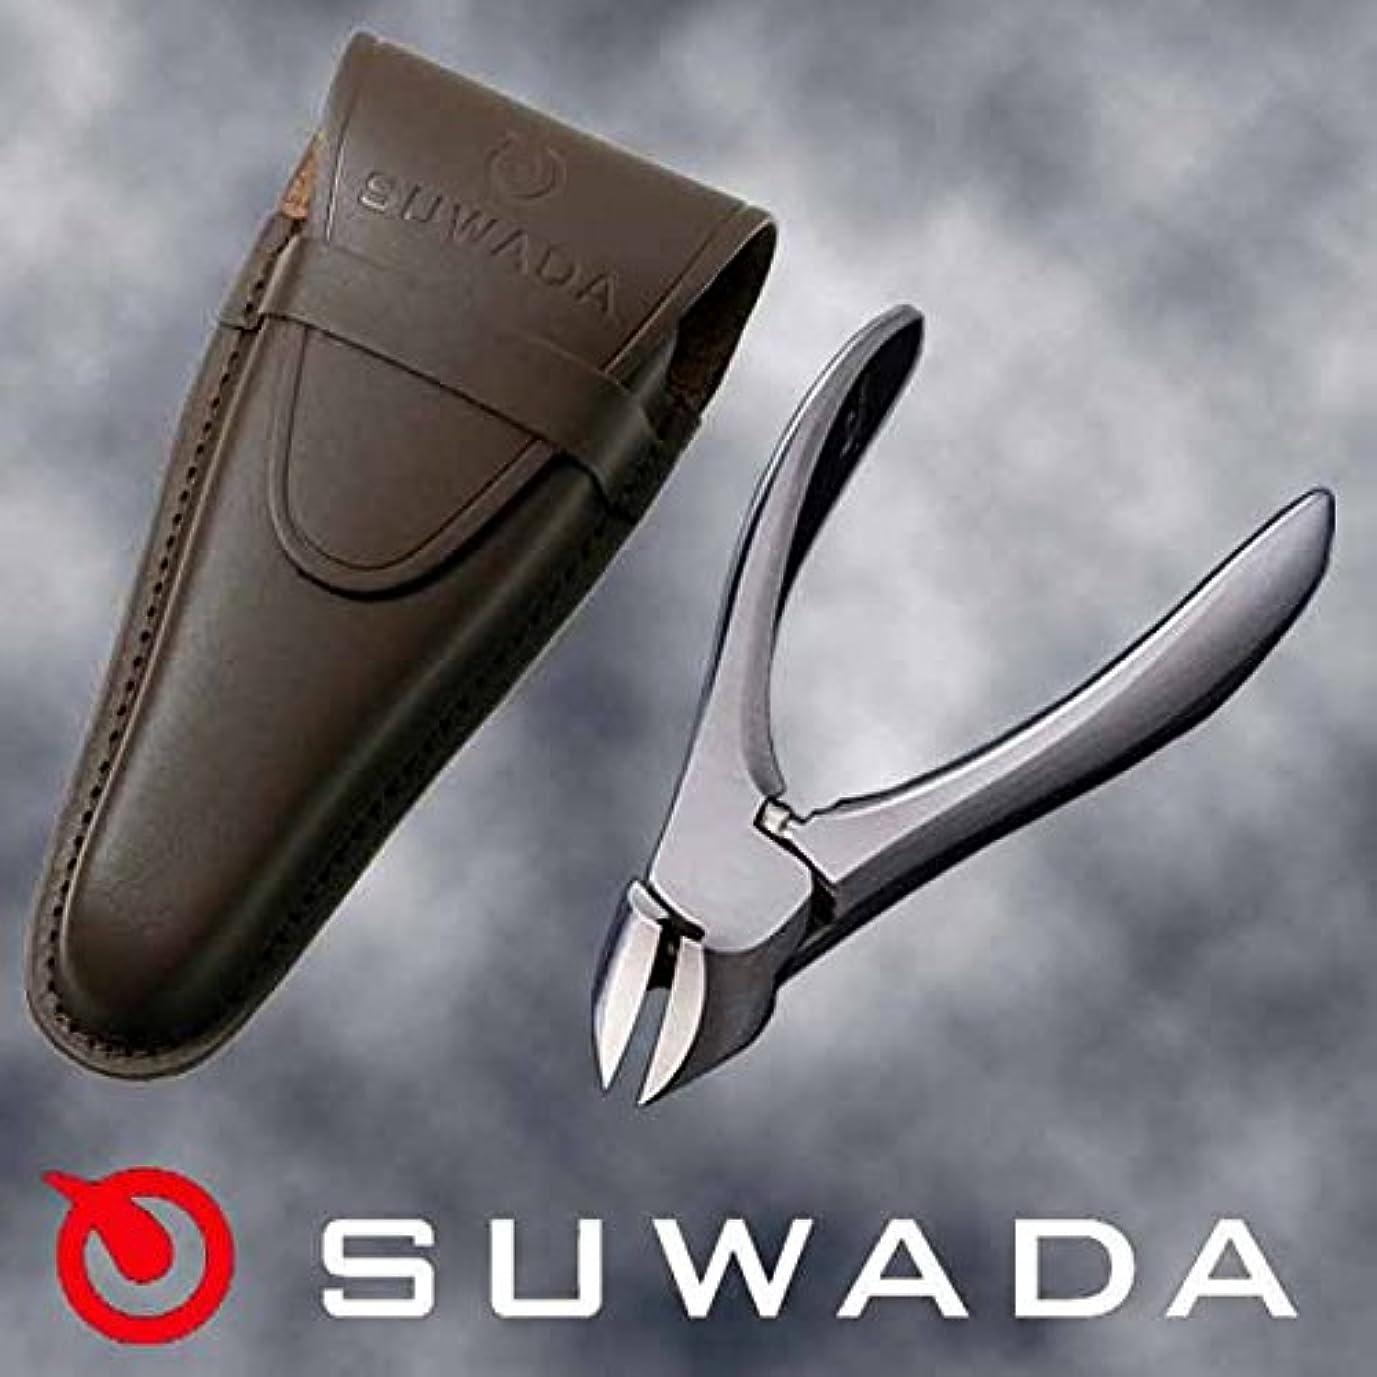 に勝るいらいらさせるそこからSUWADA爪切りクラシックL&ブラウン(茶)革ケースセット 特注モデル 諏訪田製作所製 スワダの爪切り